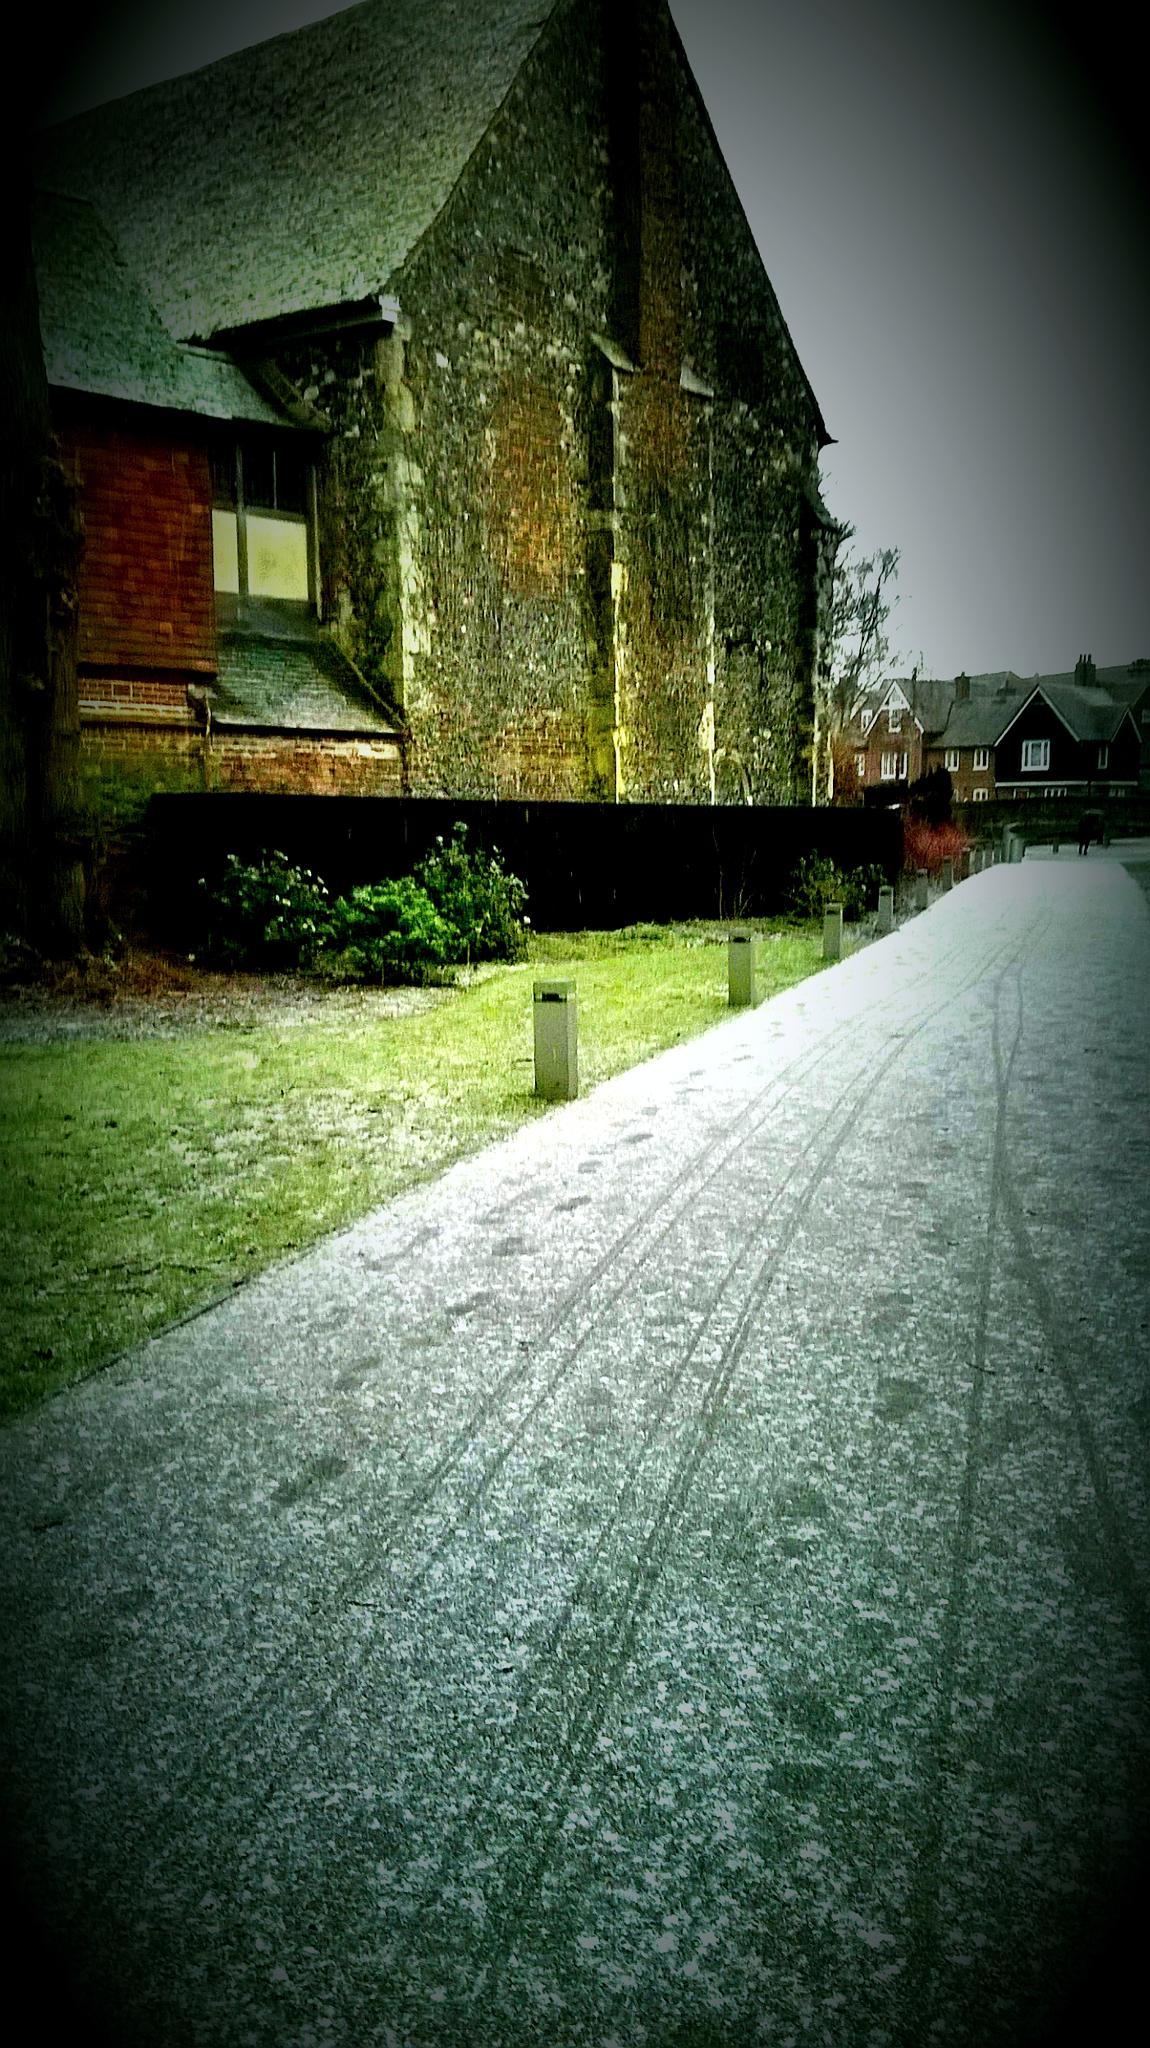 Snow by gemma smith